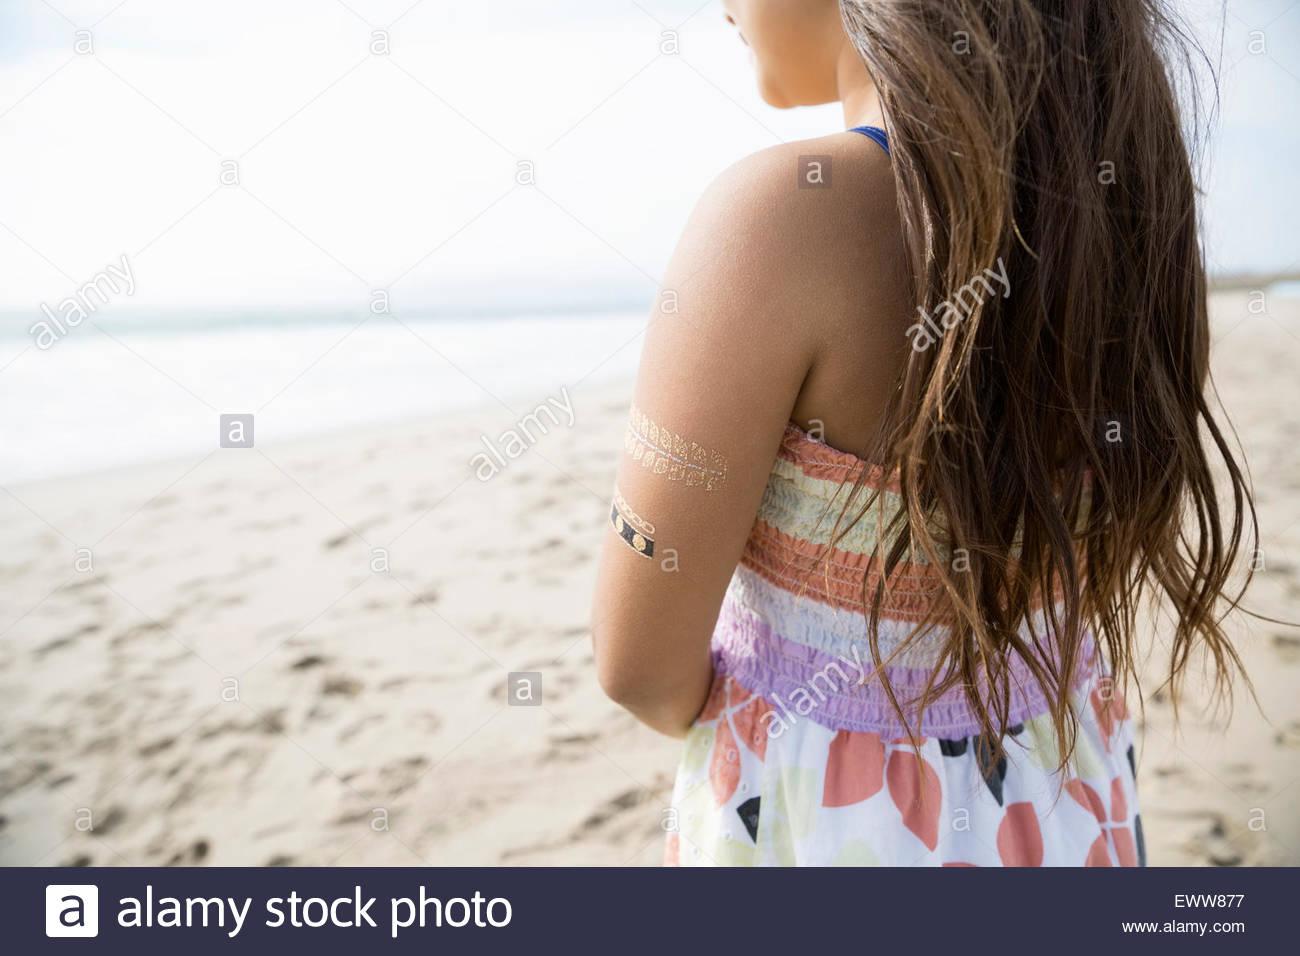 Malinconici ragazza con Henna Tattoos sulla spiaggia del braccio Immagini Stock